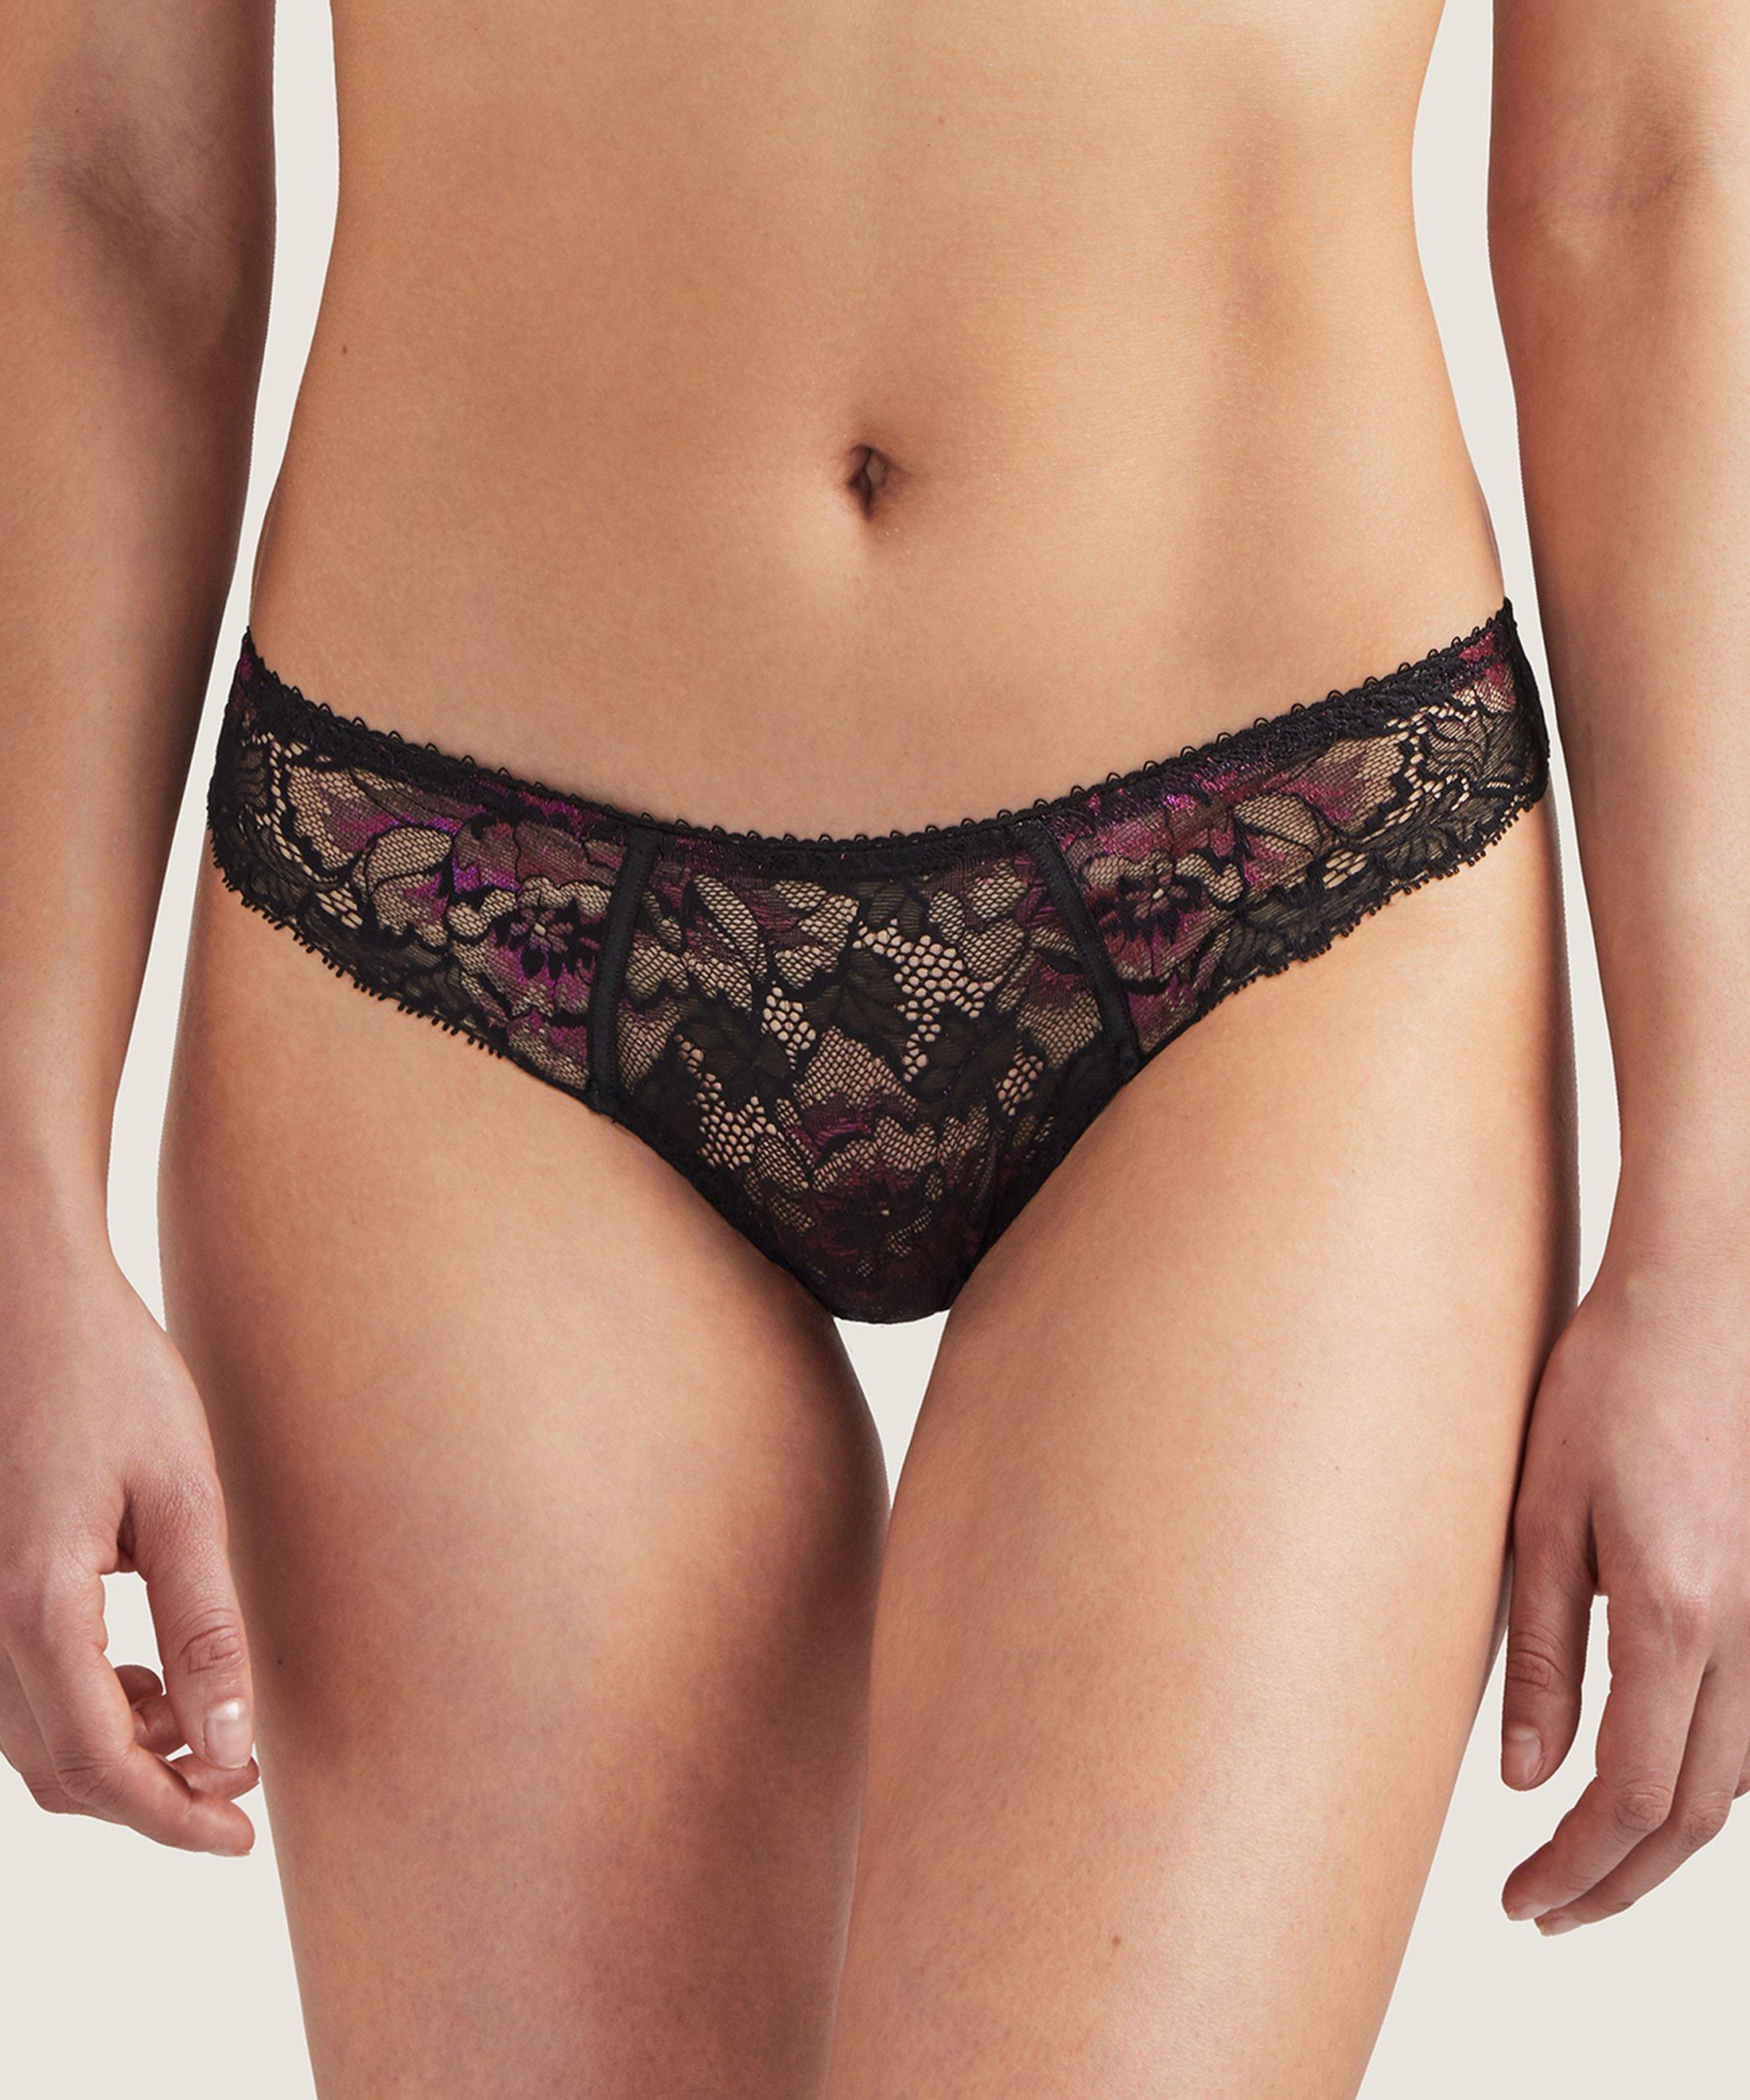 AUBE AMOUREUSE Tanga Violetta | Aubade